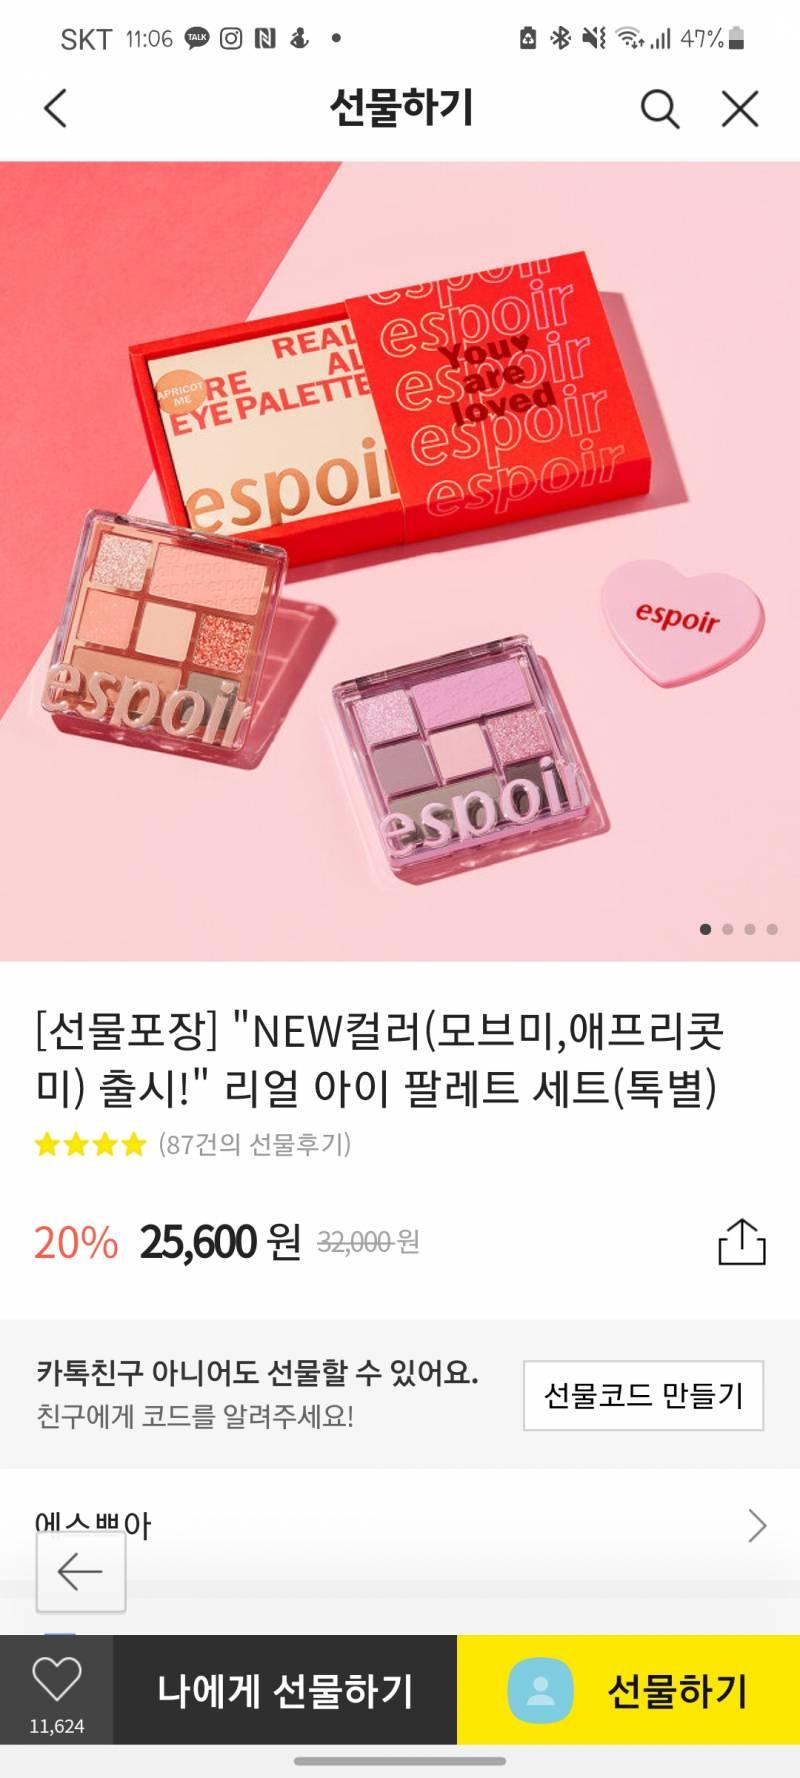 💕🍰에스쁘아 에프리콧미 새제품 저렴하게 판매합니다!! | 인스티즈